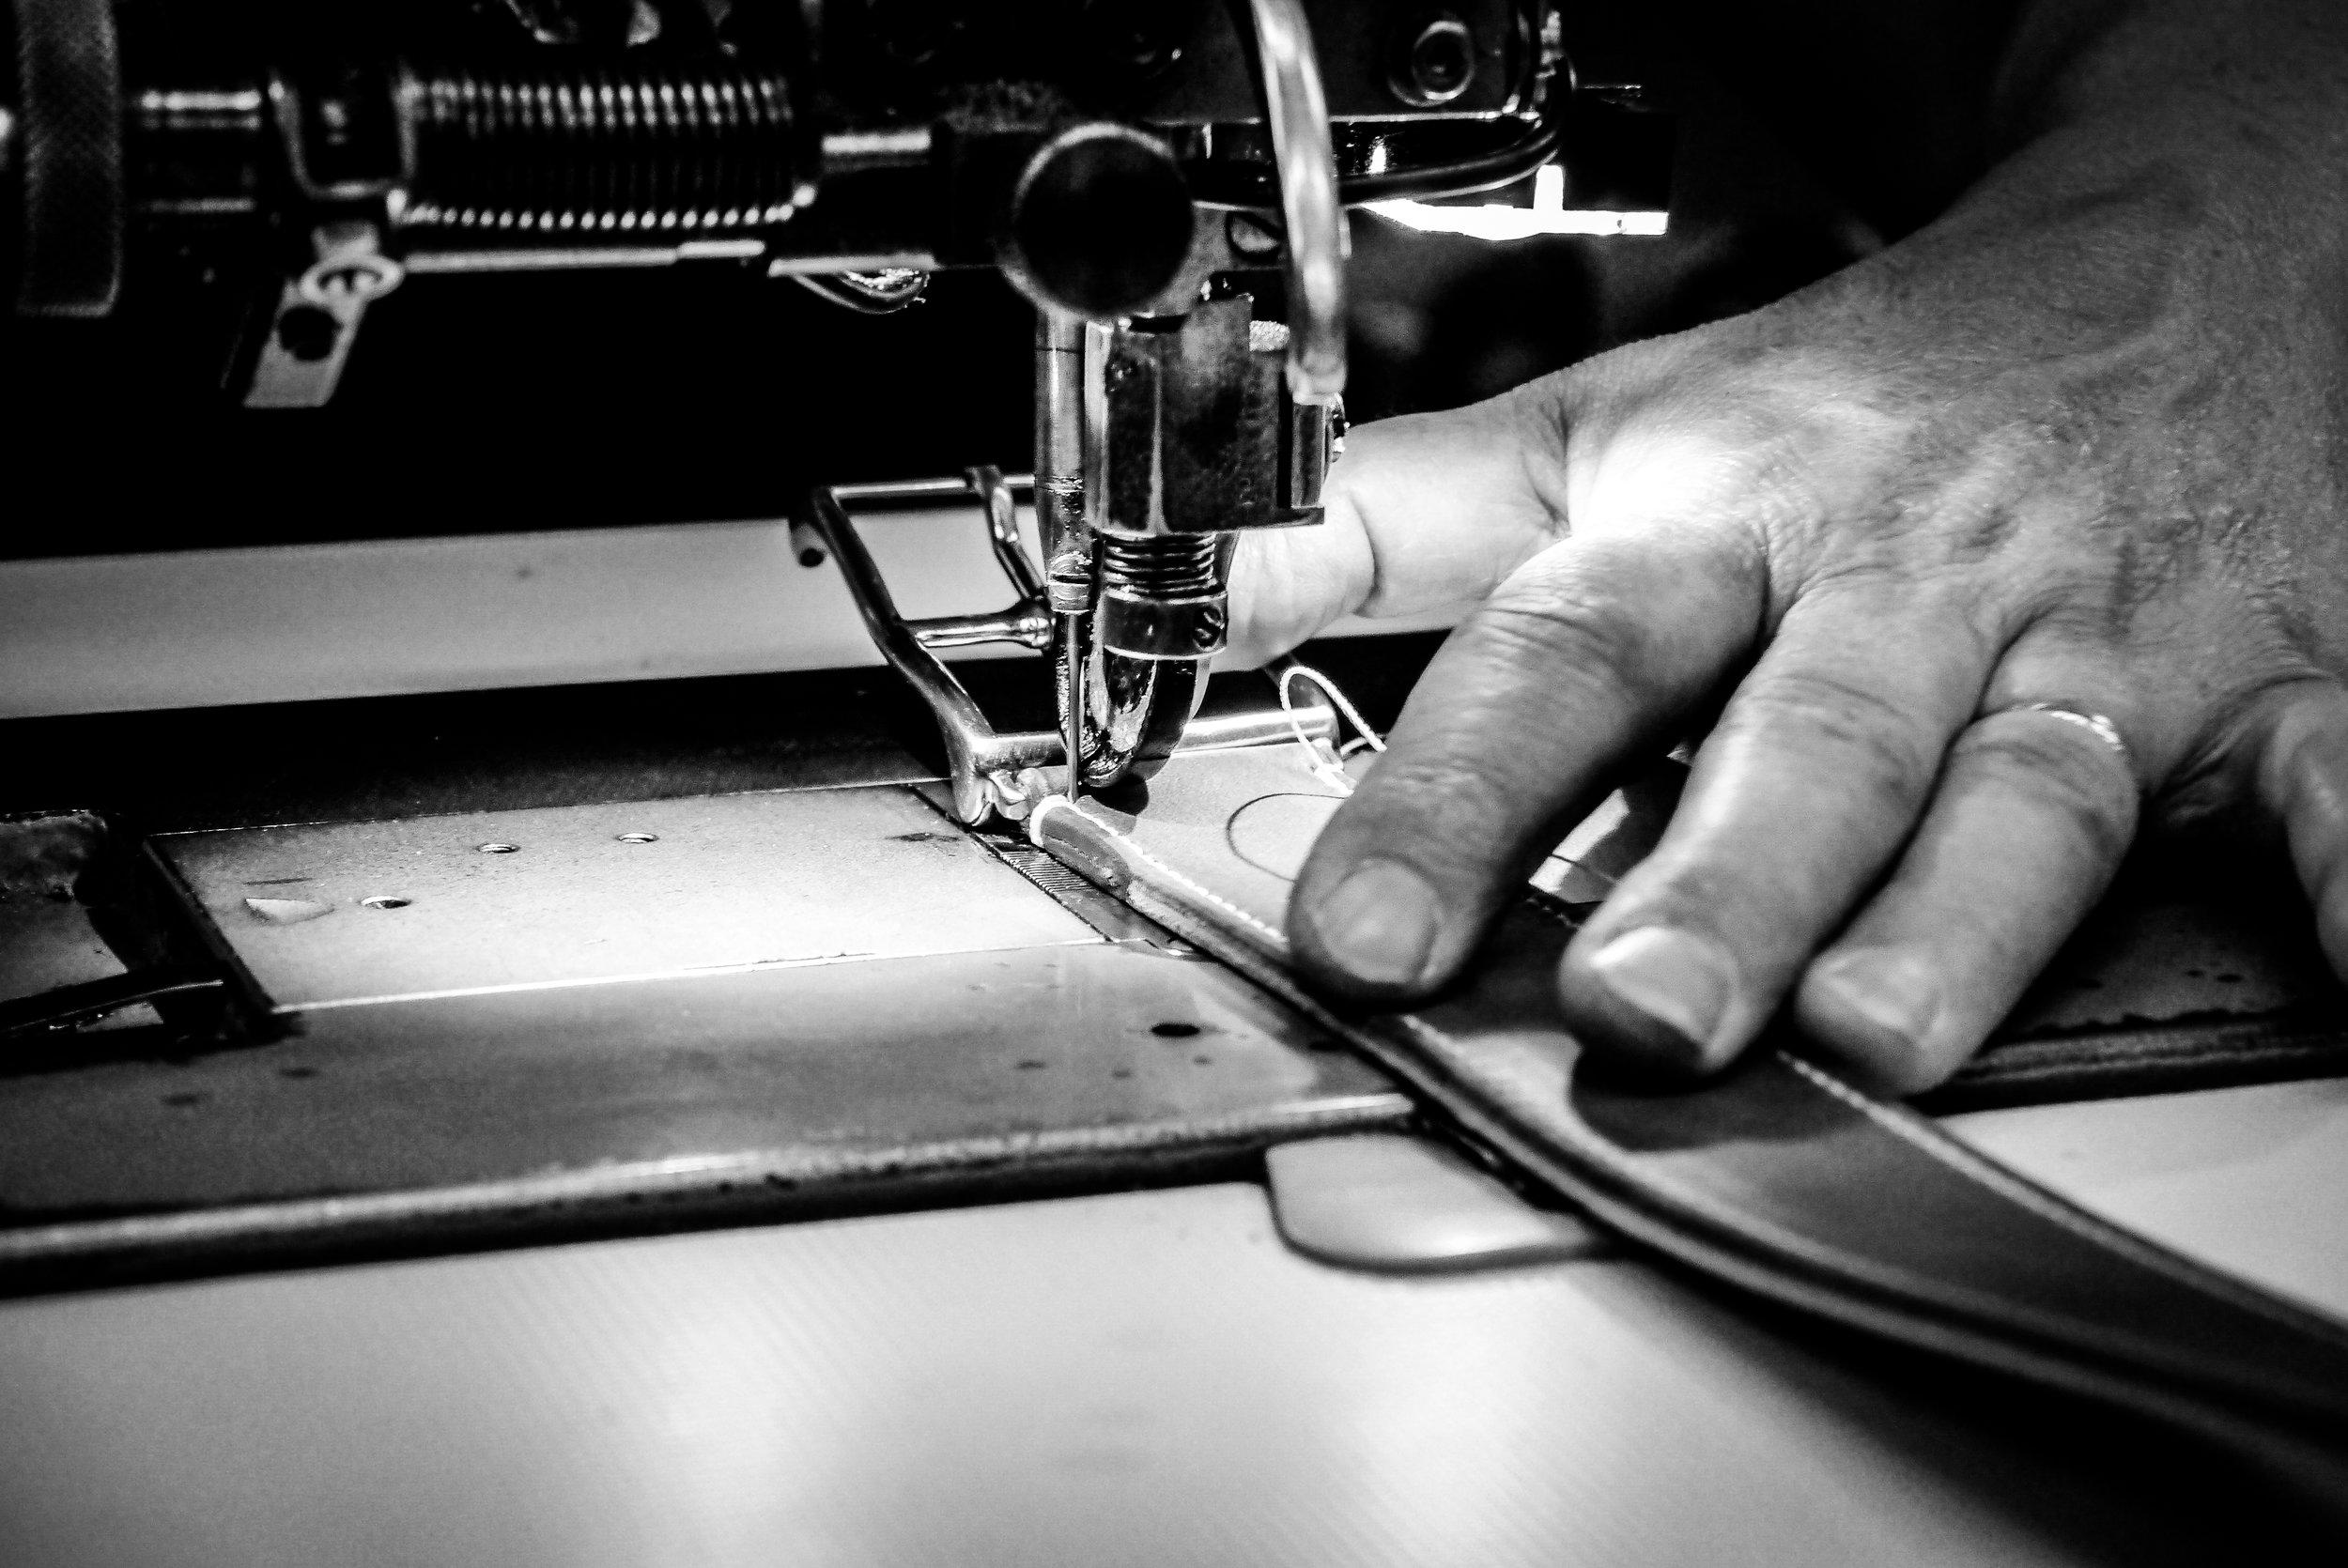 couture-maroquinerie-ceinture-locre-paris-locre-cuir-maison-locre-maroquinerie